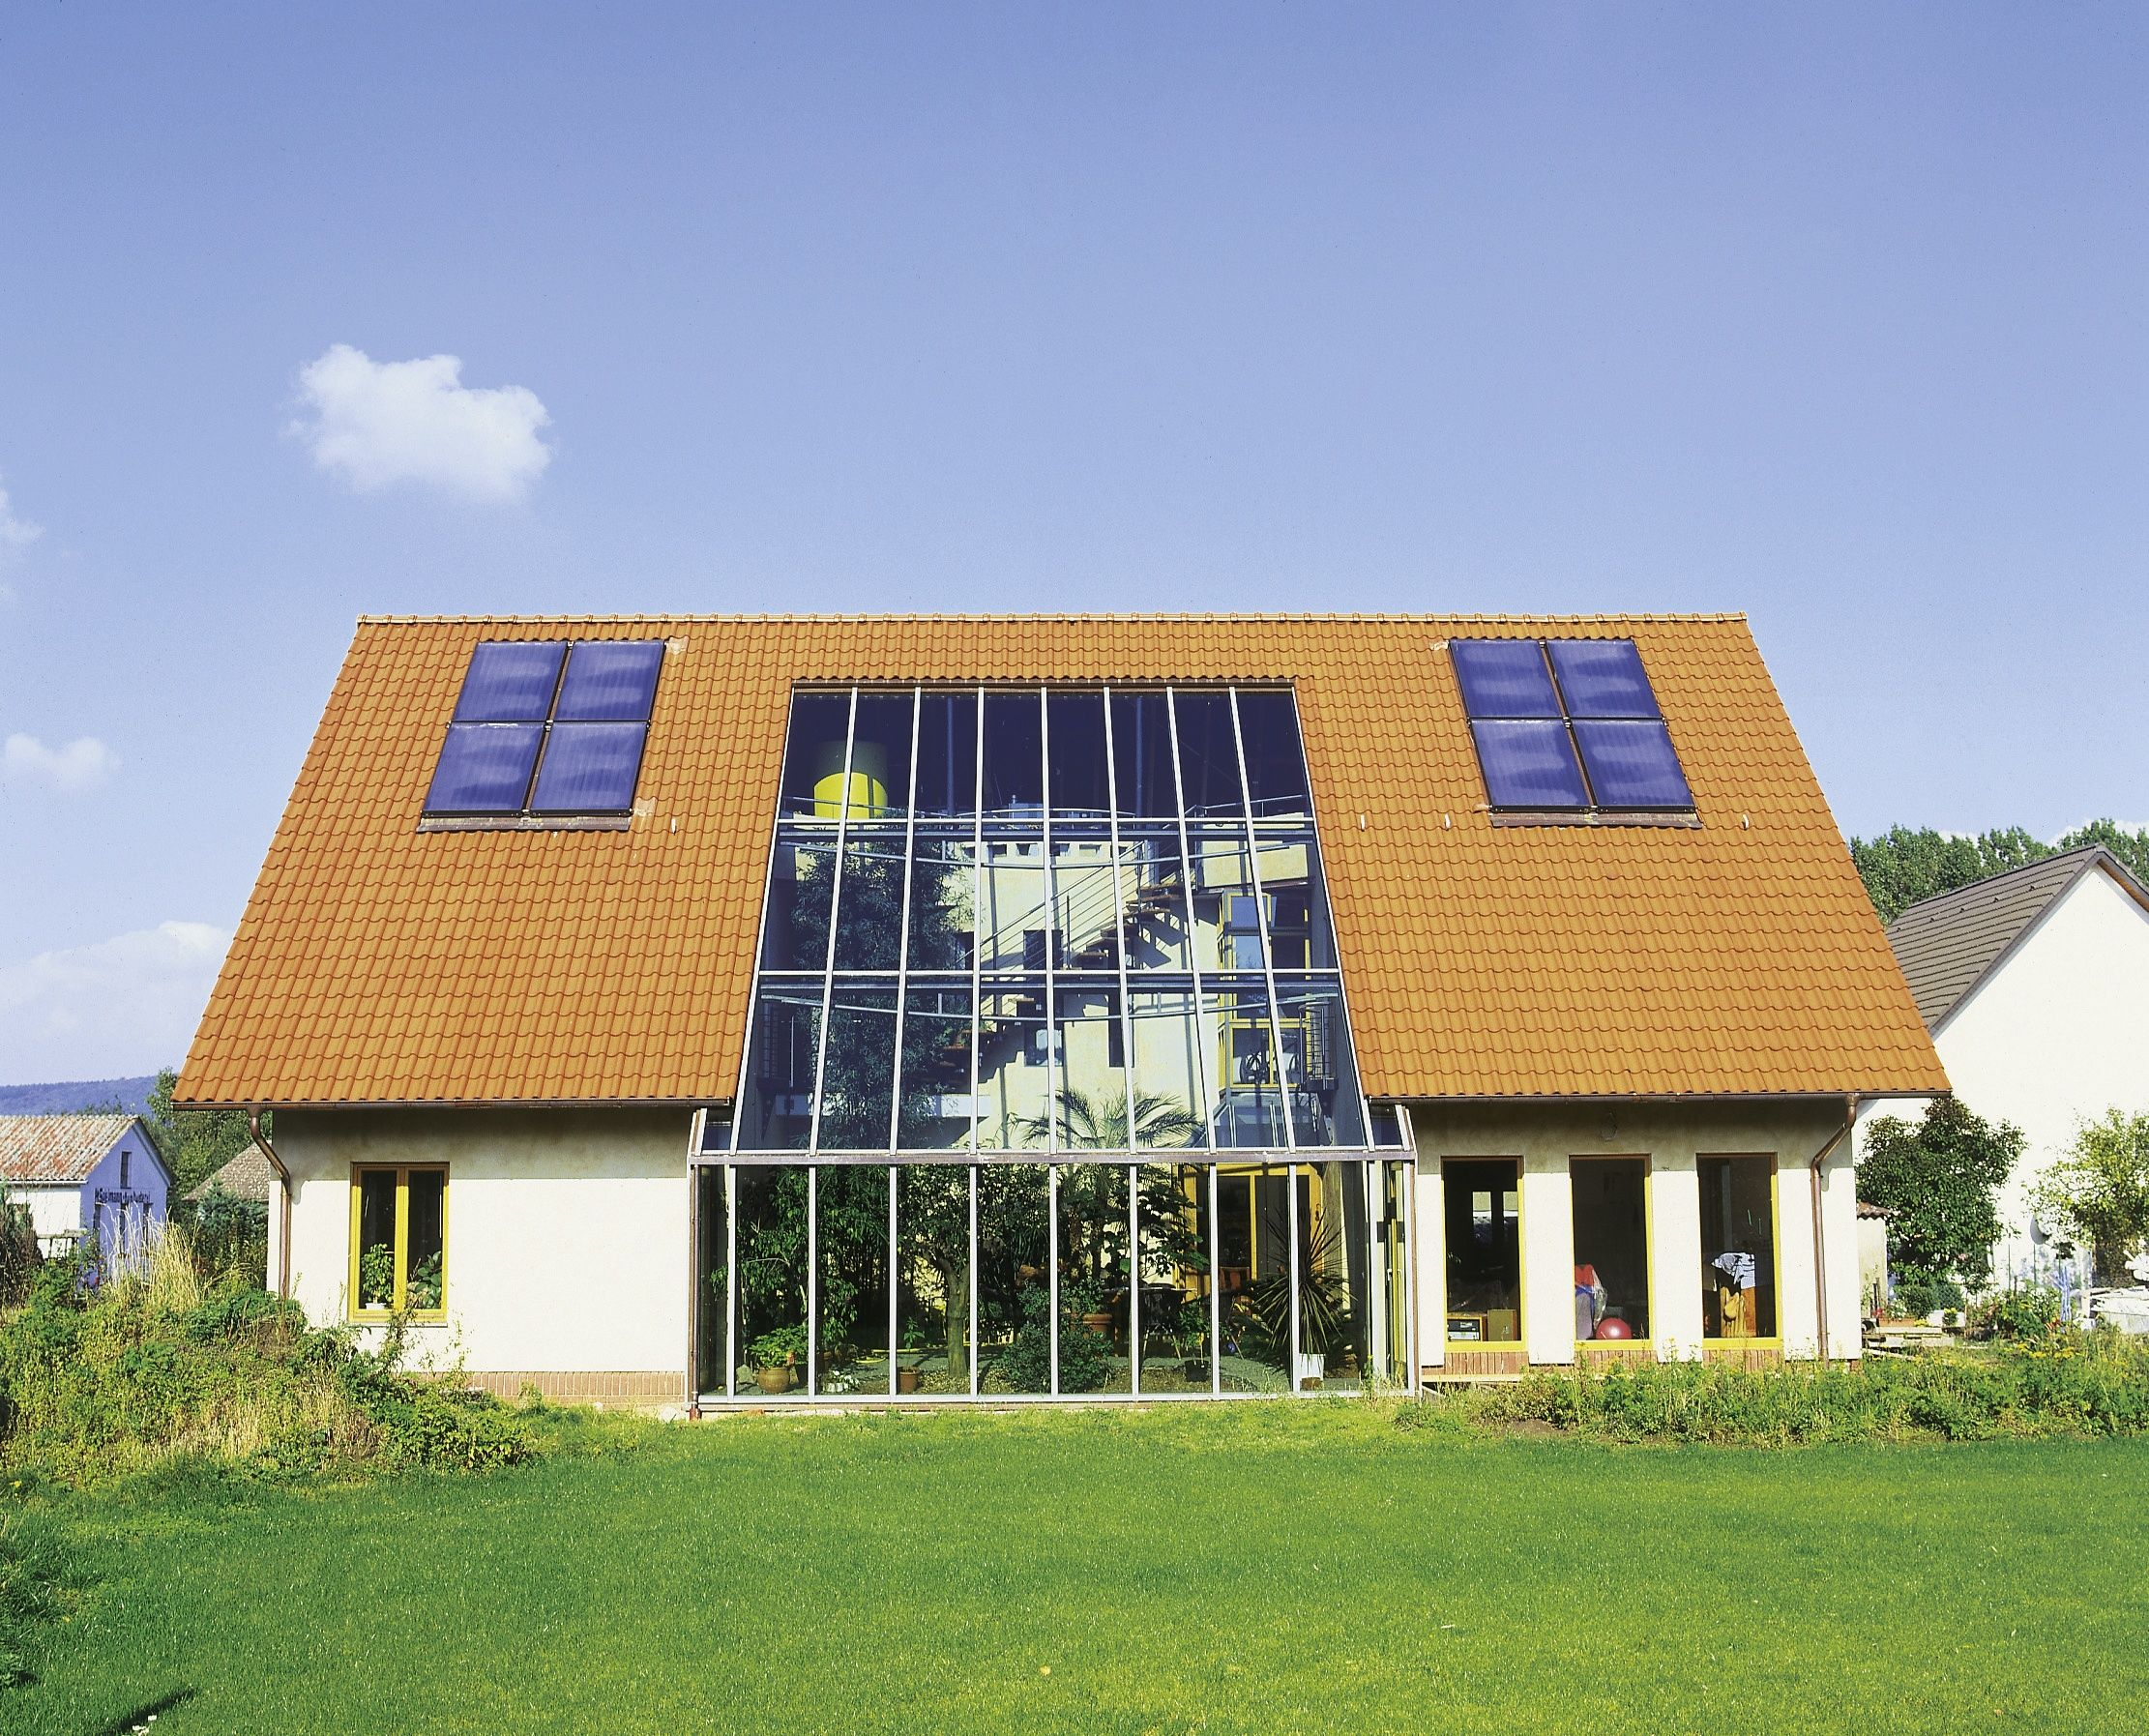 Croissant Richard Hanisch arch. a Bad Salzuflen - Germany | Grange | Maison XL-35